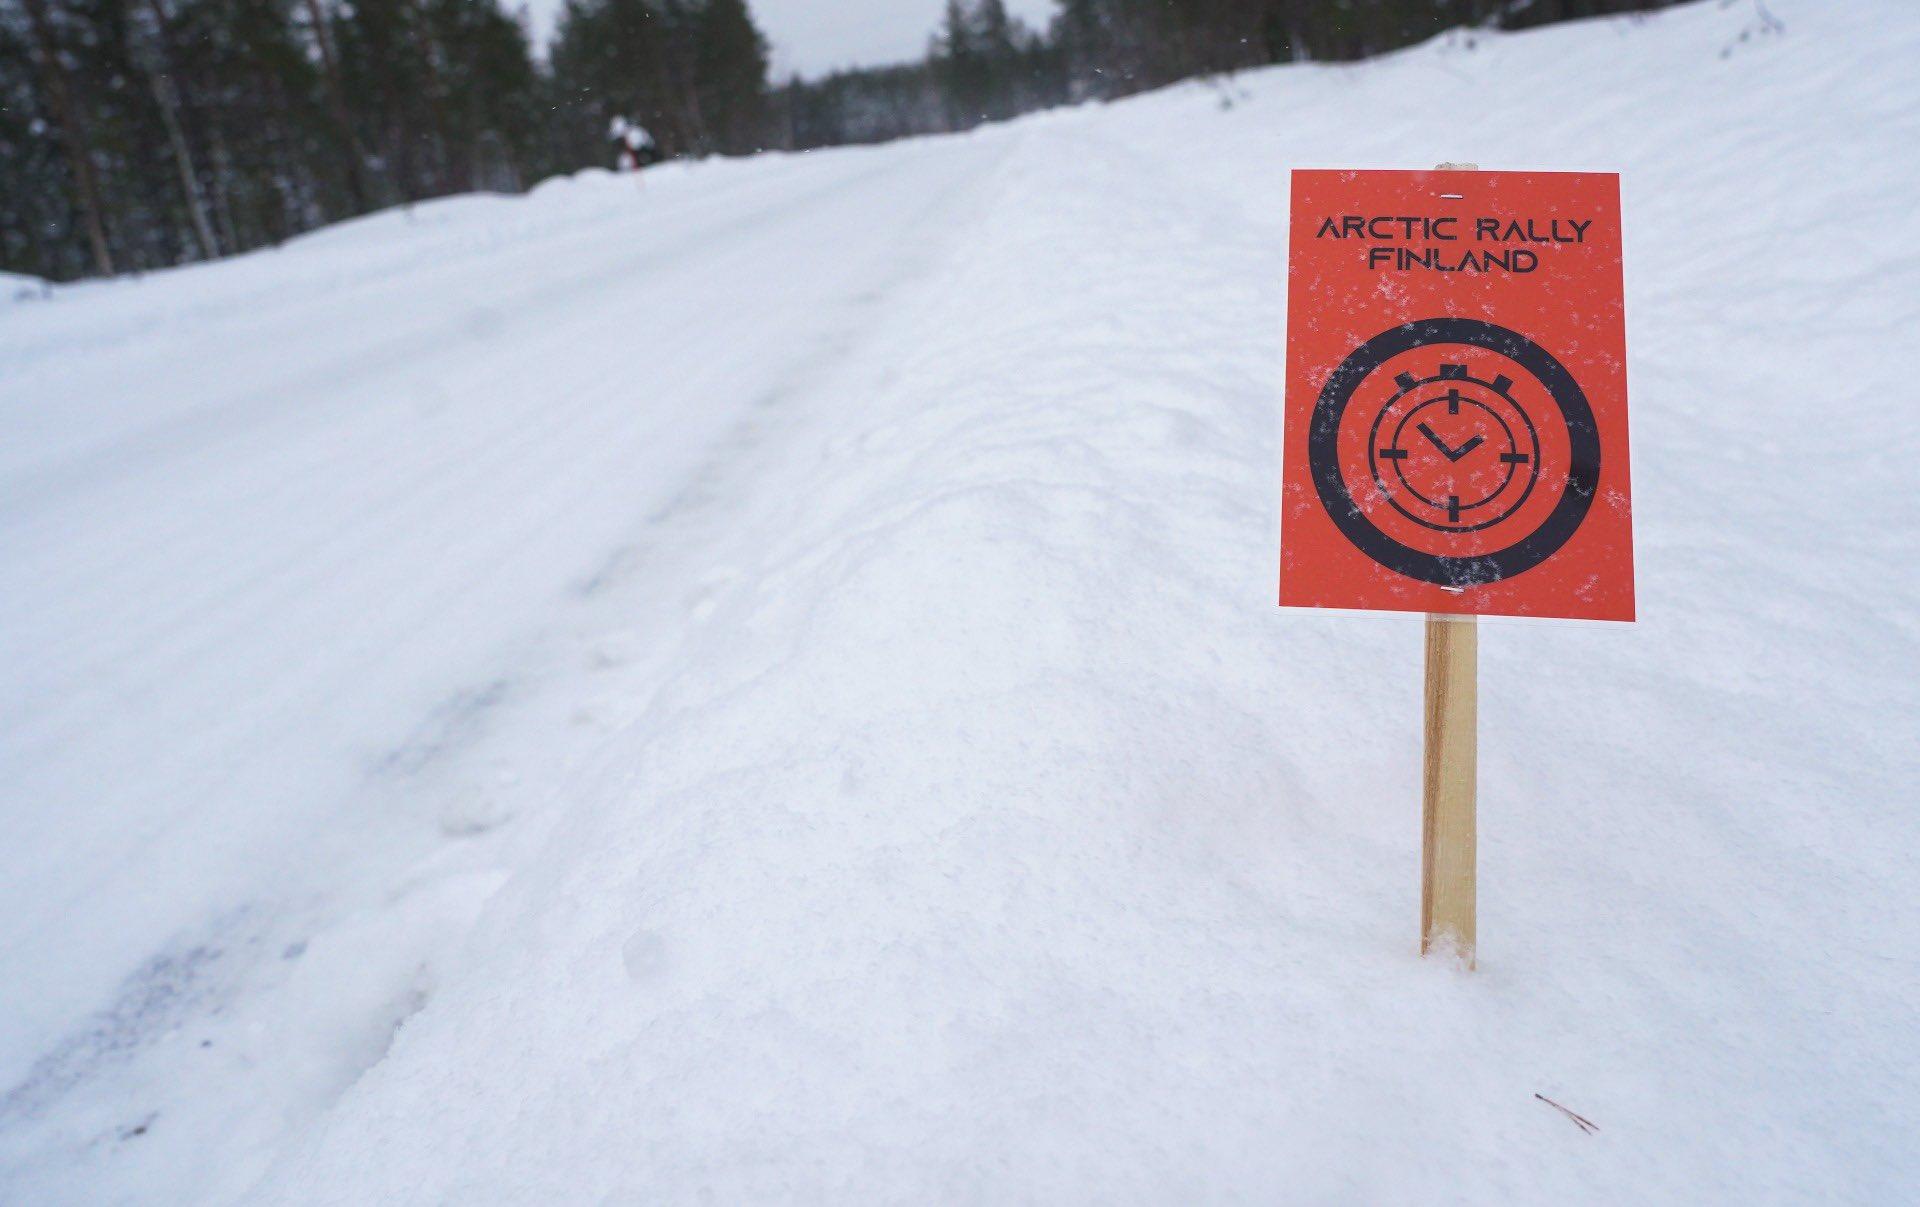 Evitar los bancos de nieve, clave del Arctic Rally - SoyMotor.com